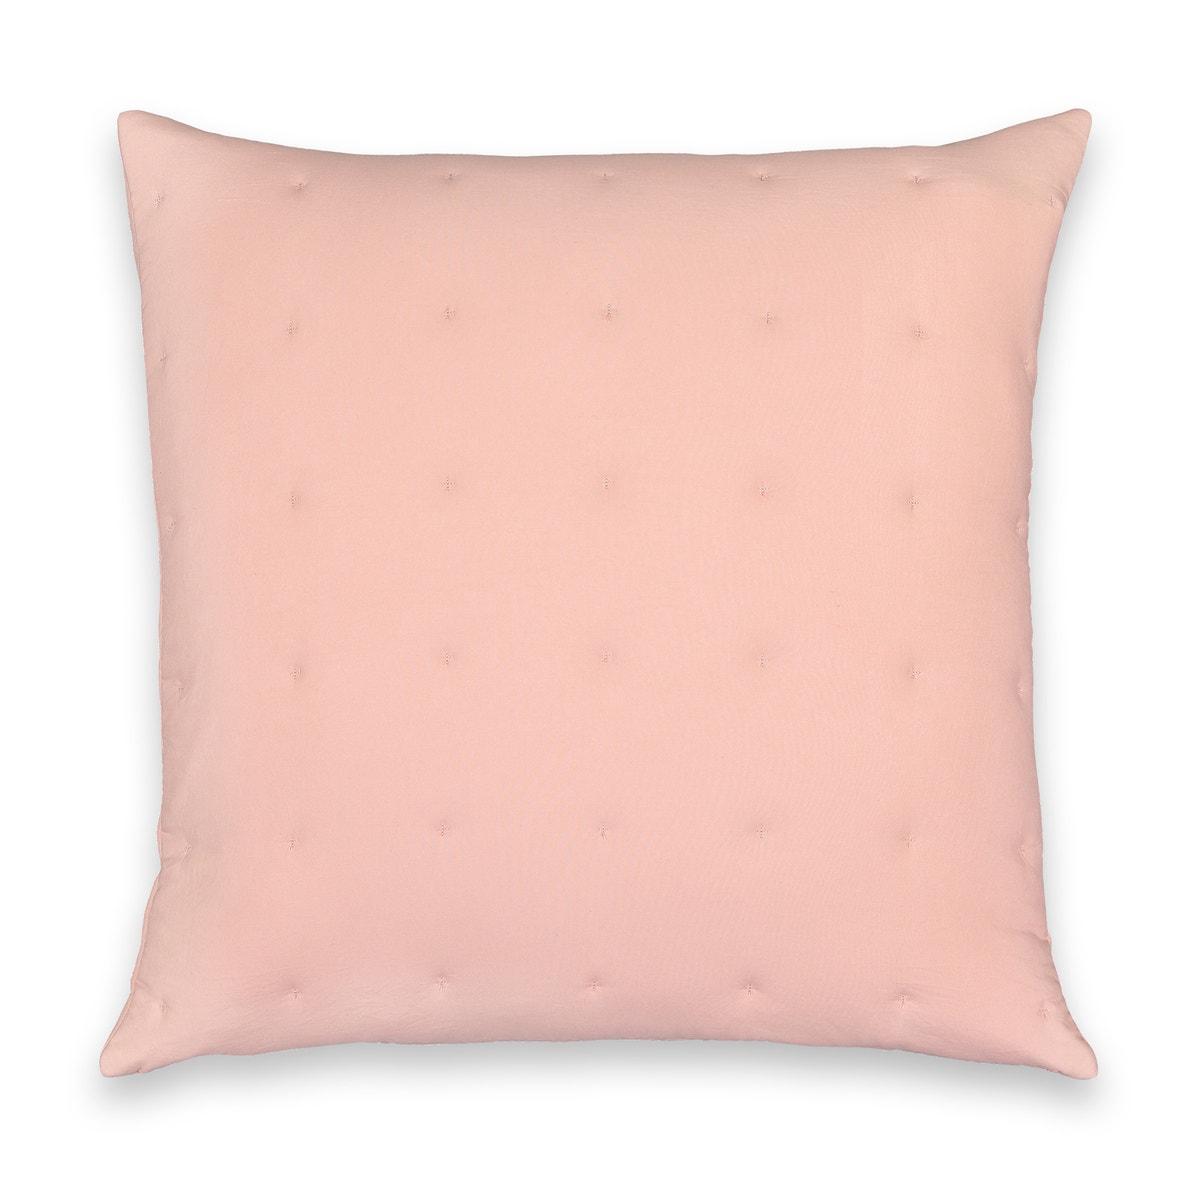 Loja 正方形 枕カバー